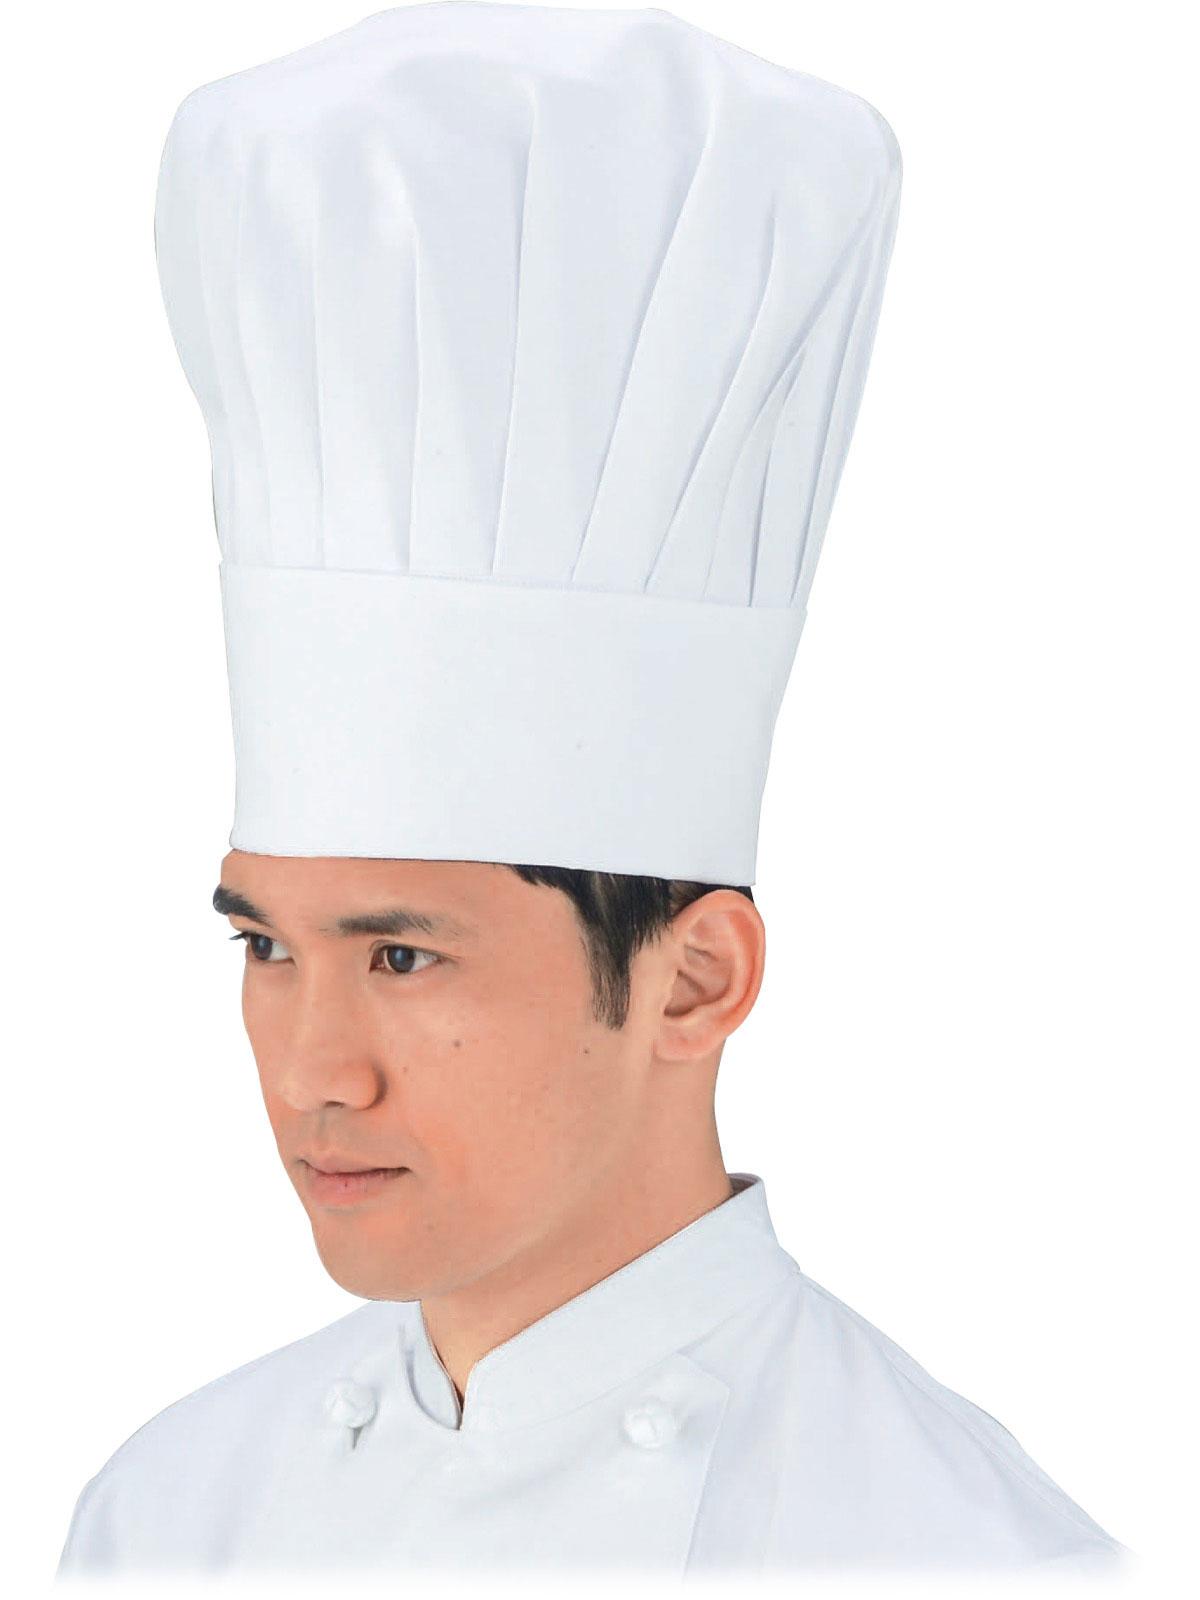 コック帽子 SK11